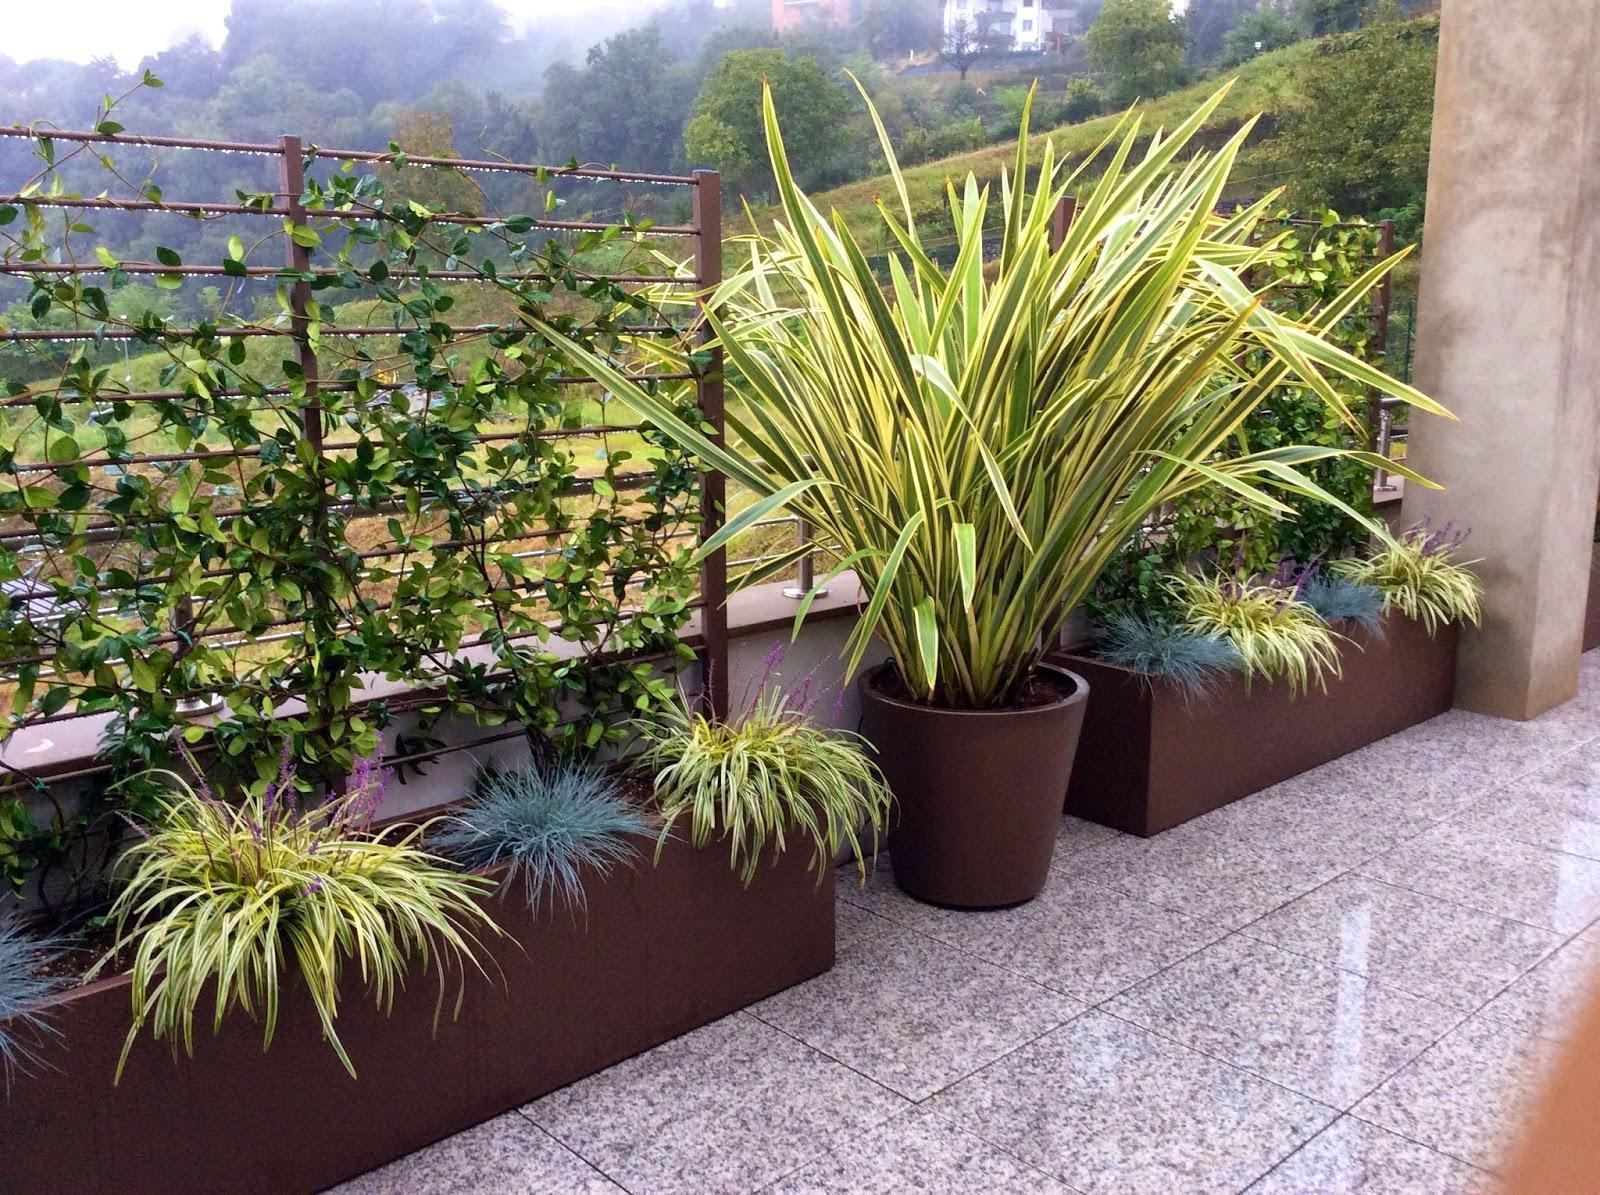 Martin design ita arredo per terrazzi con fioriere su misura - Piante sempreverdi per terrazzi ...